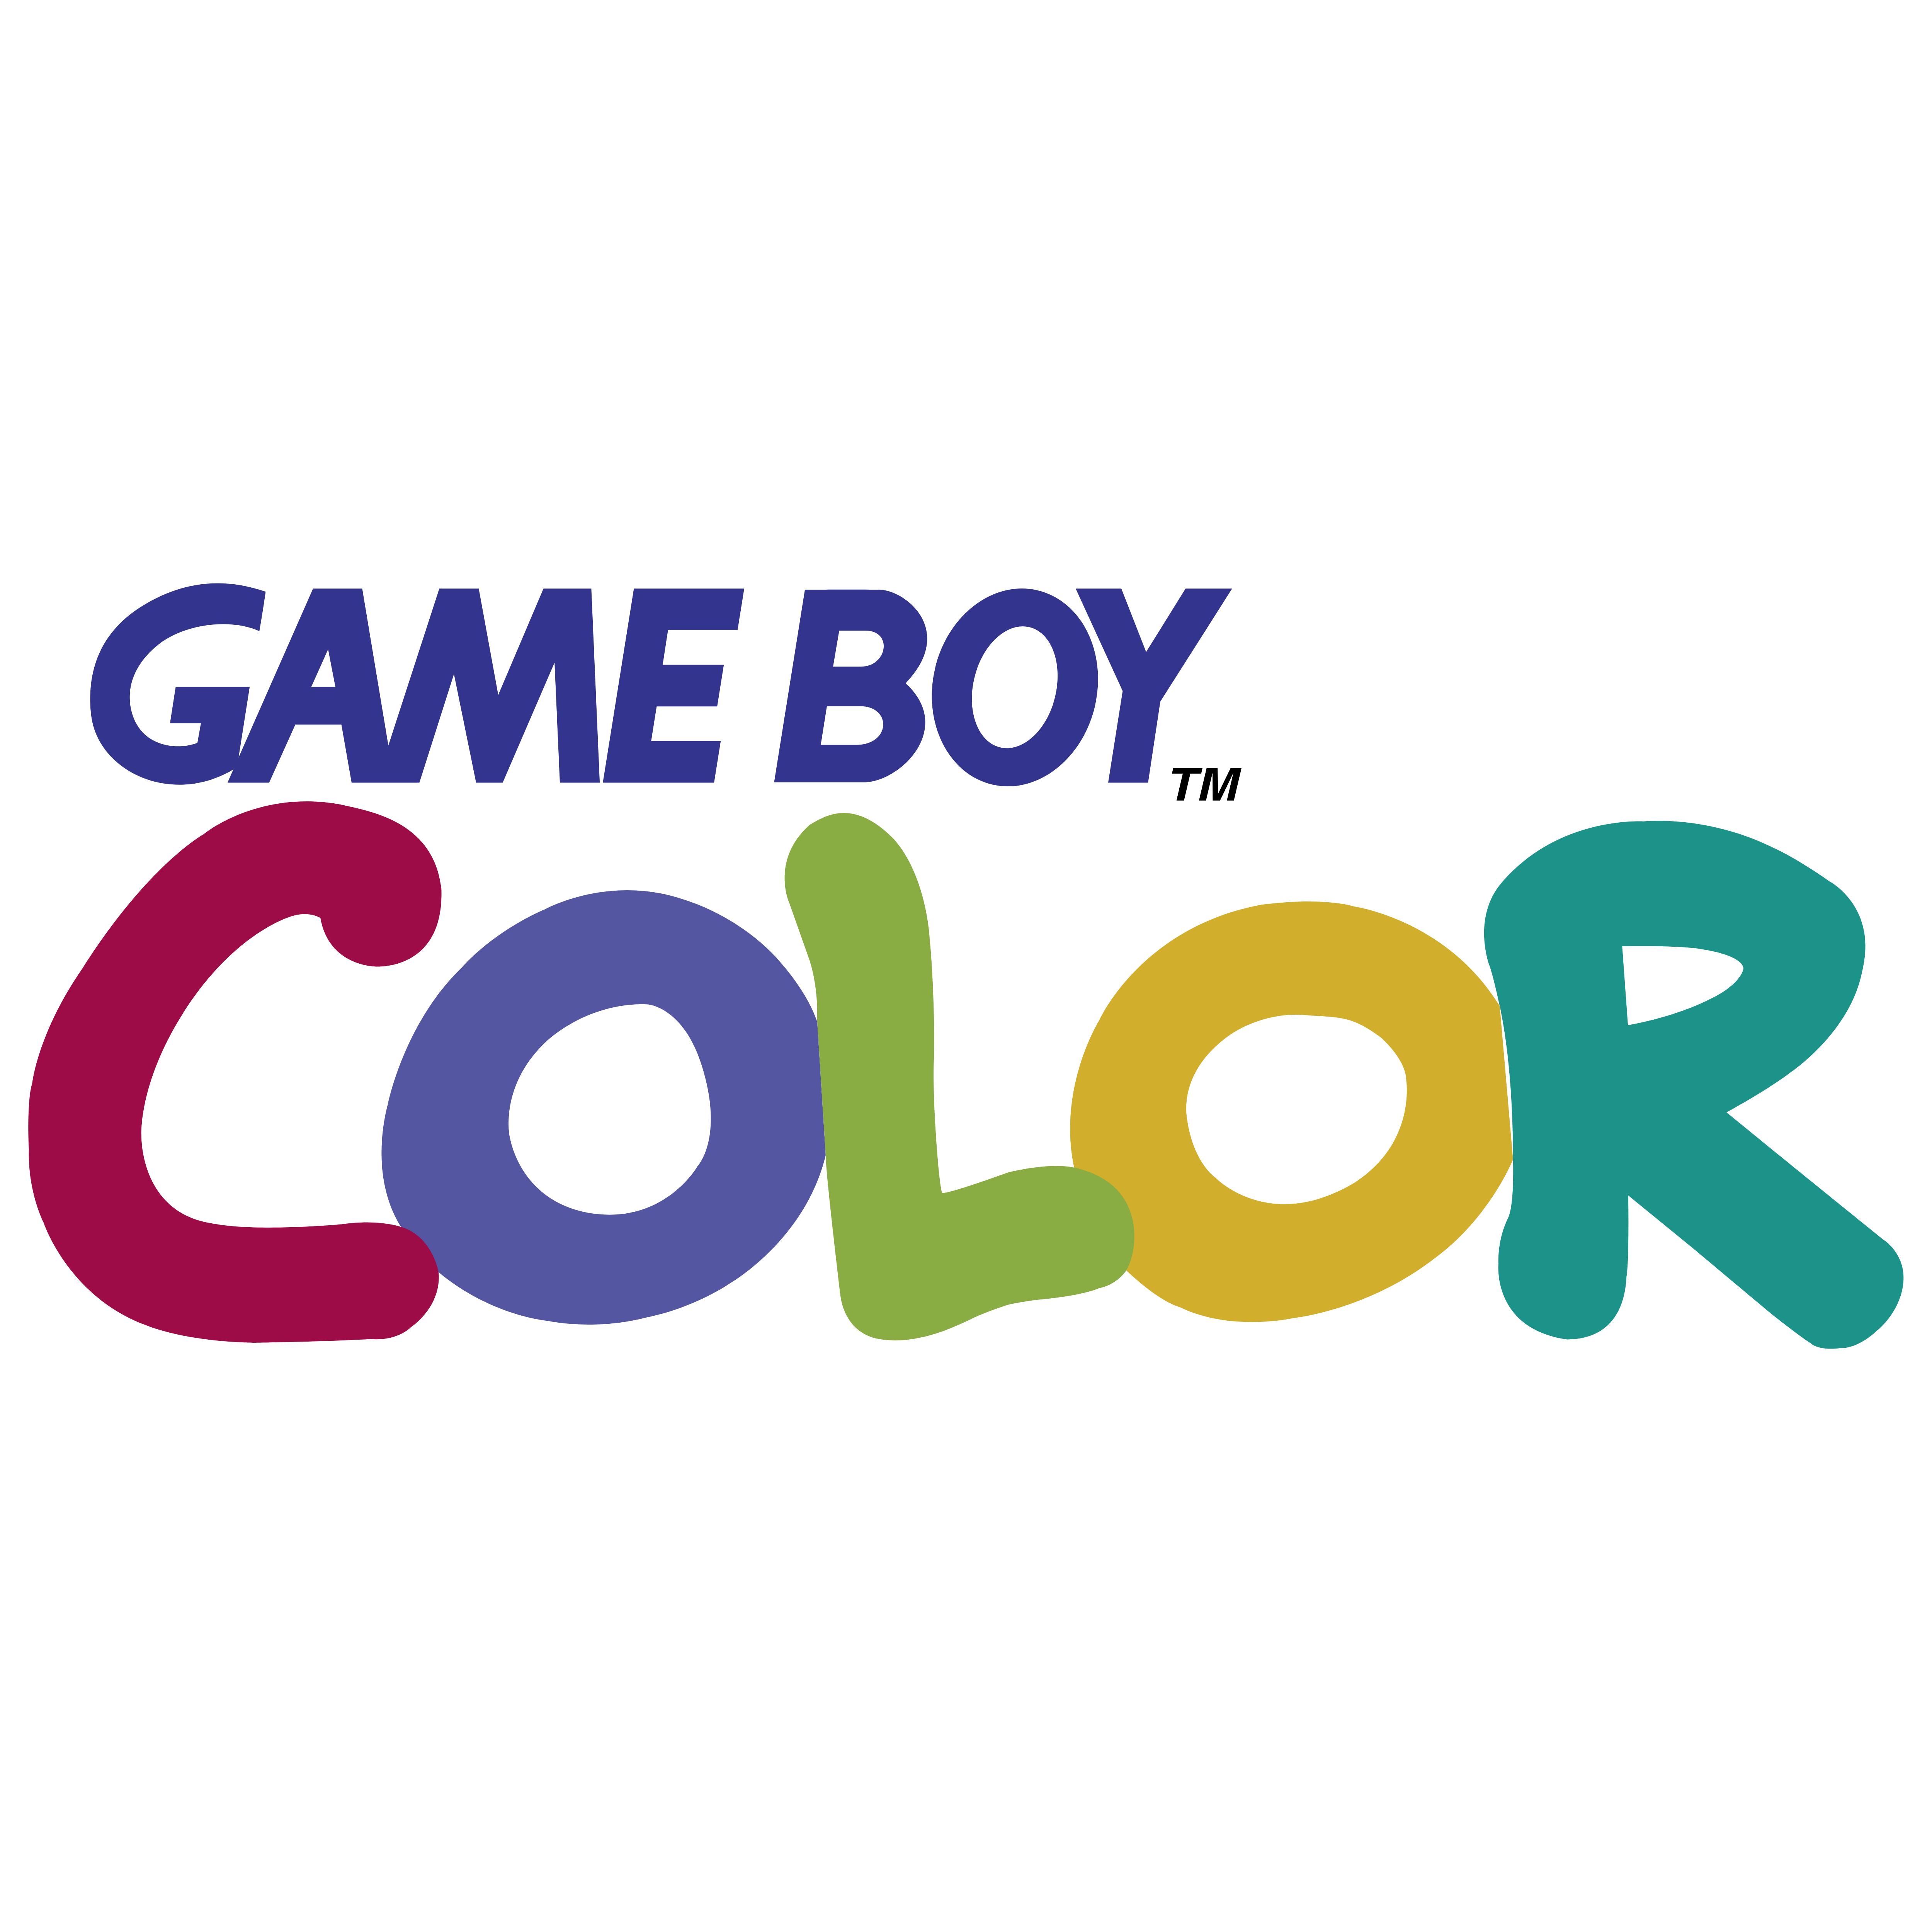 Télécharger photo game boy color logo png